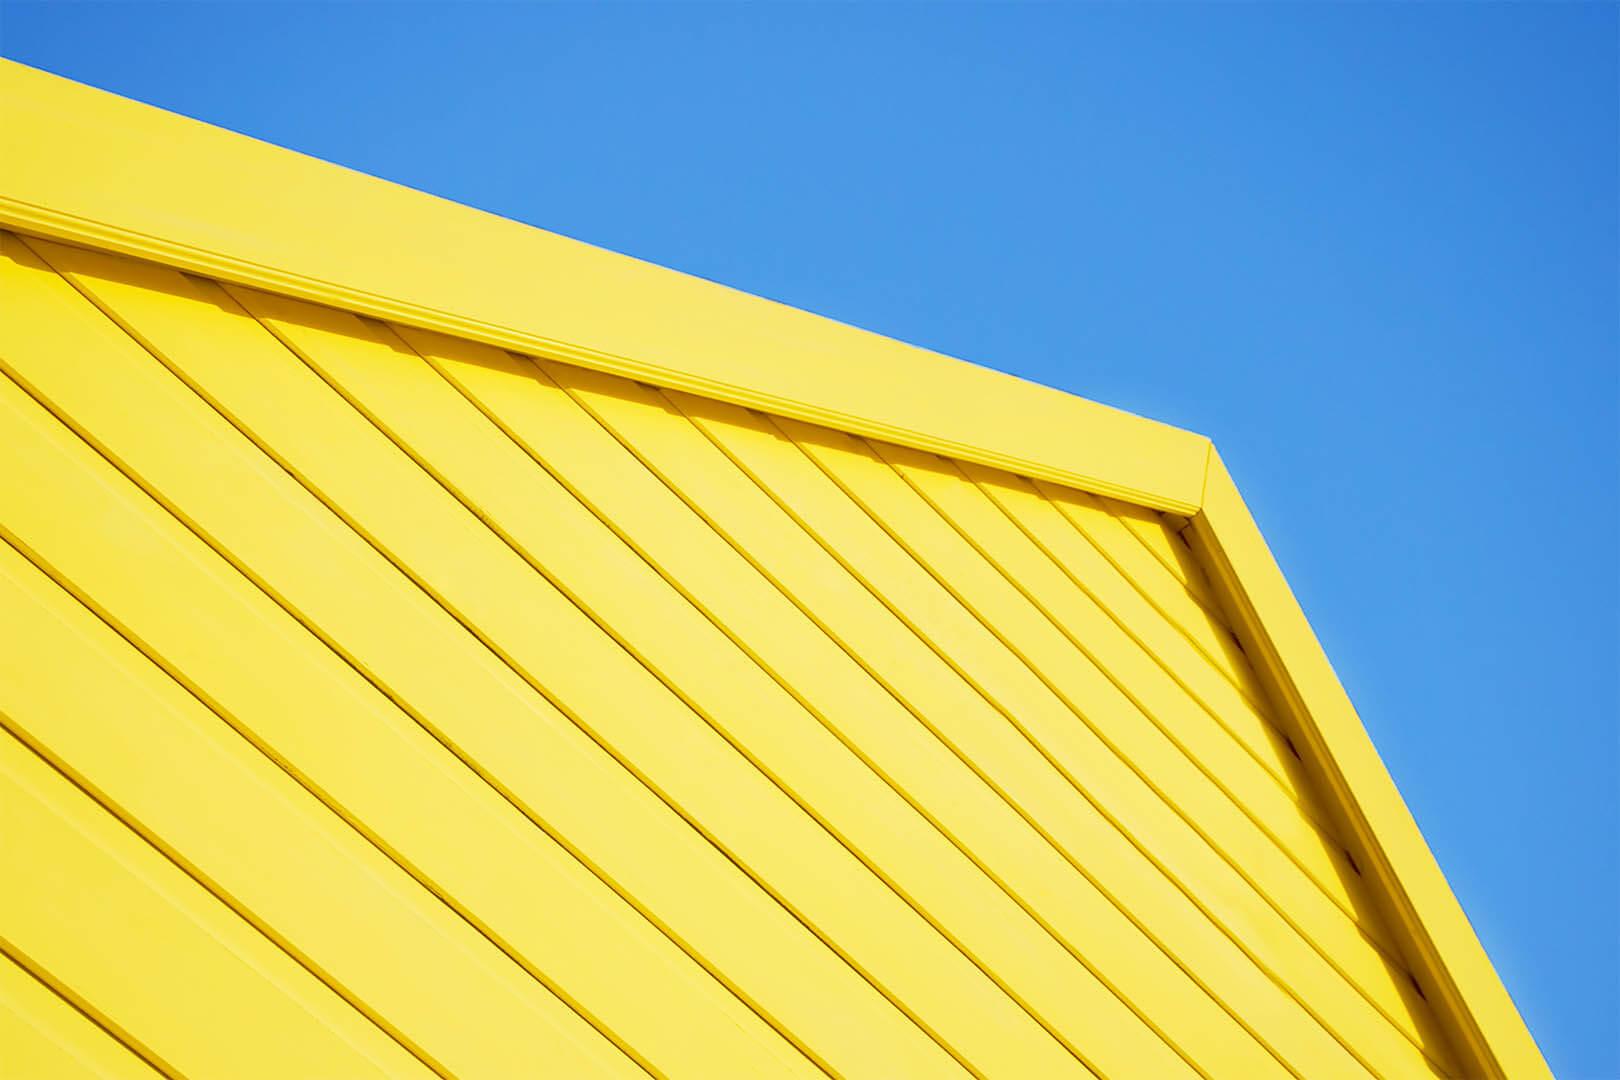 Yellow Beach Hut #1